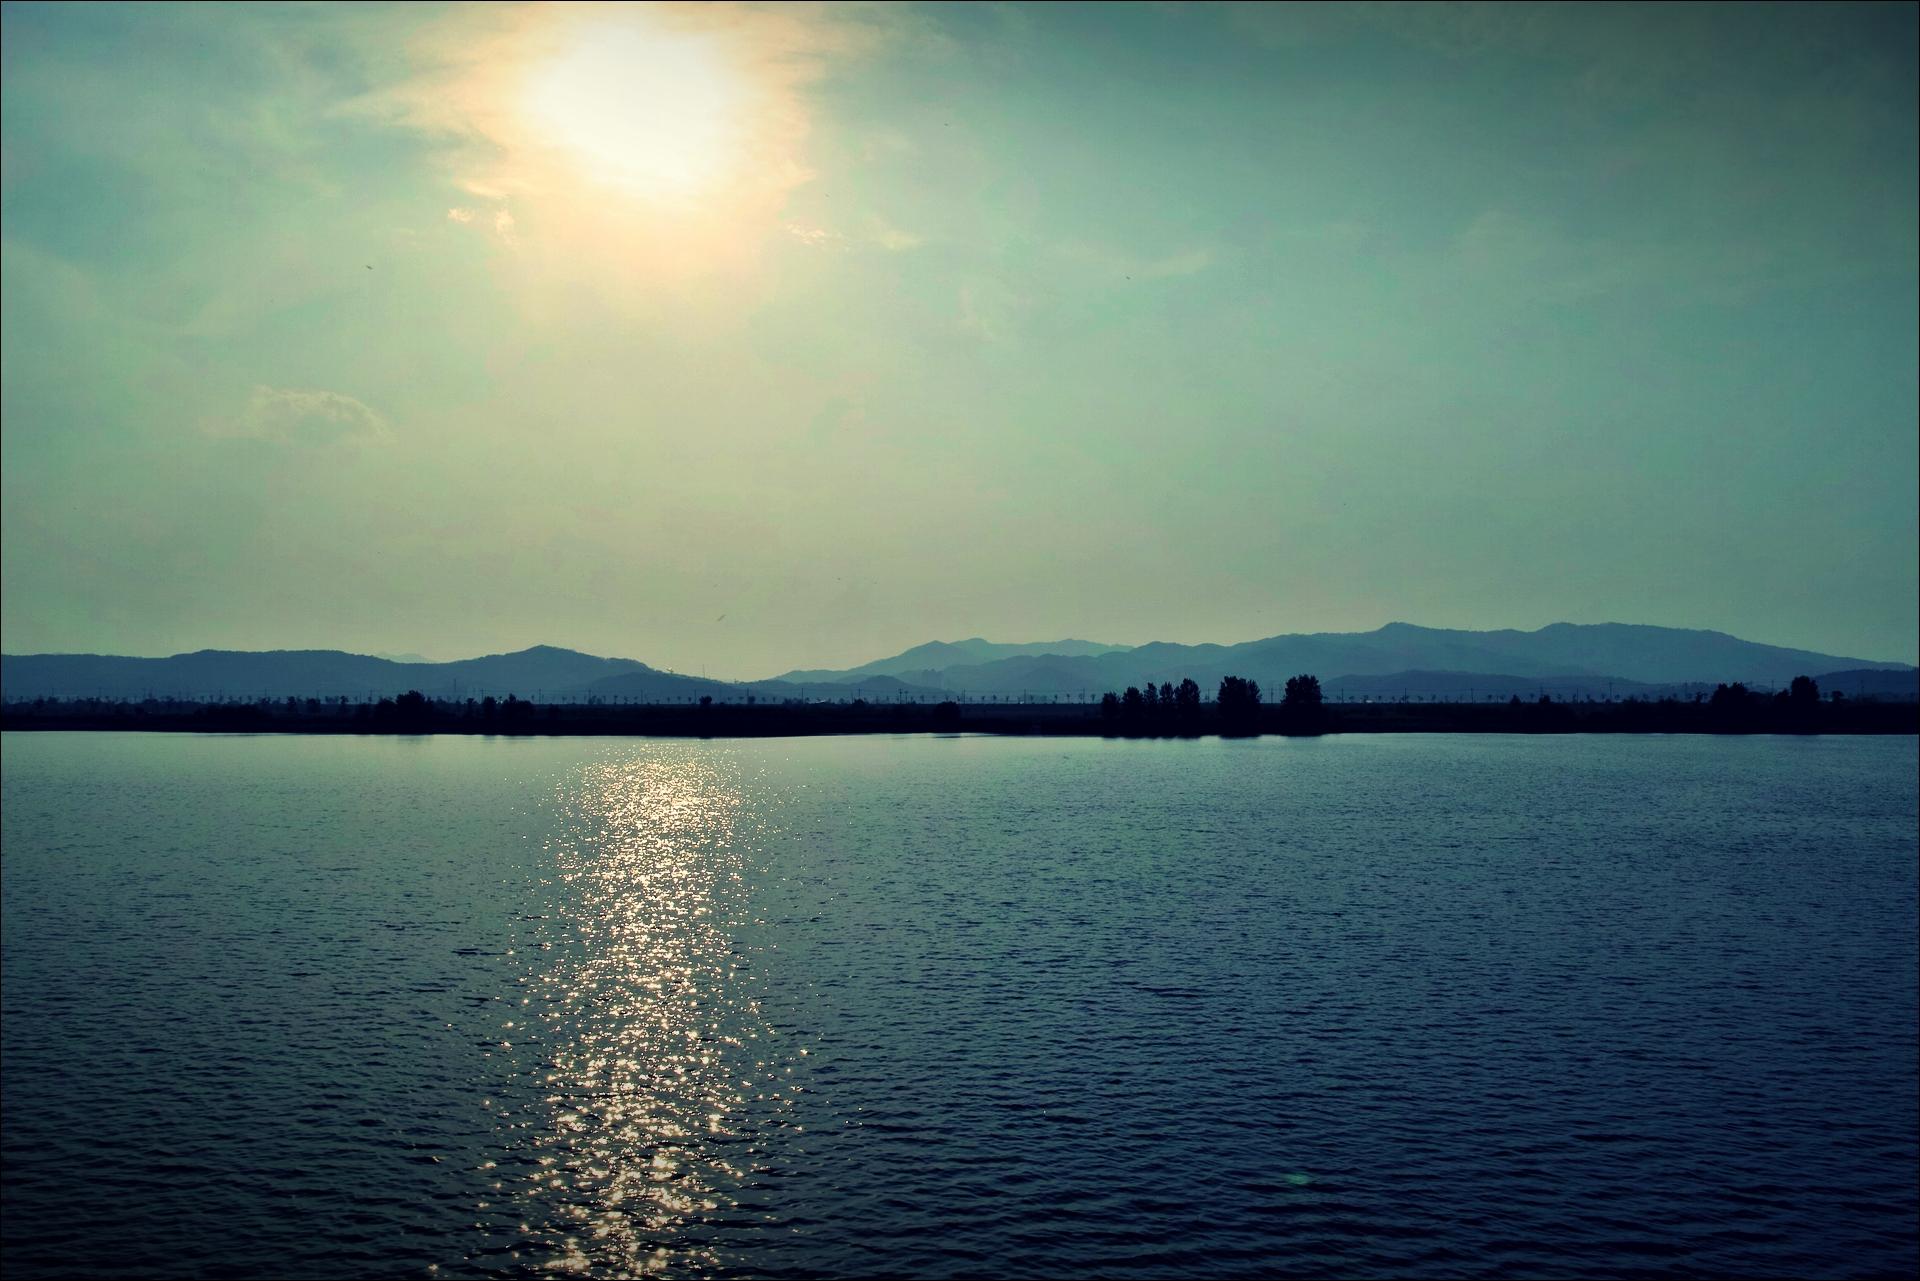 강-'낙동강 자전거 종주여행'